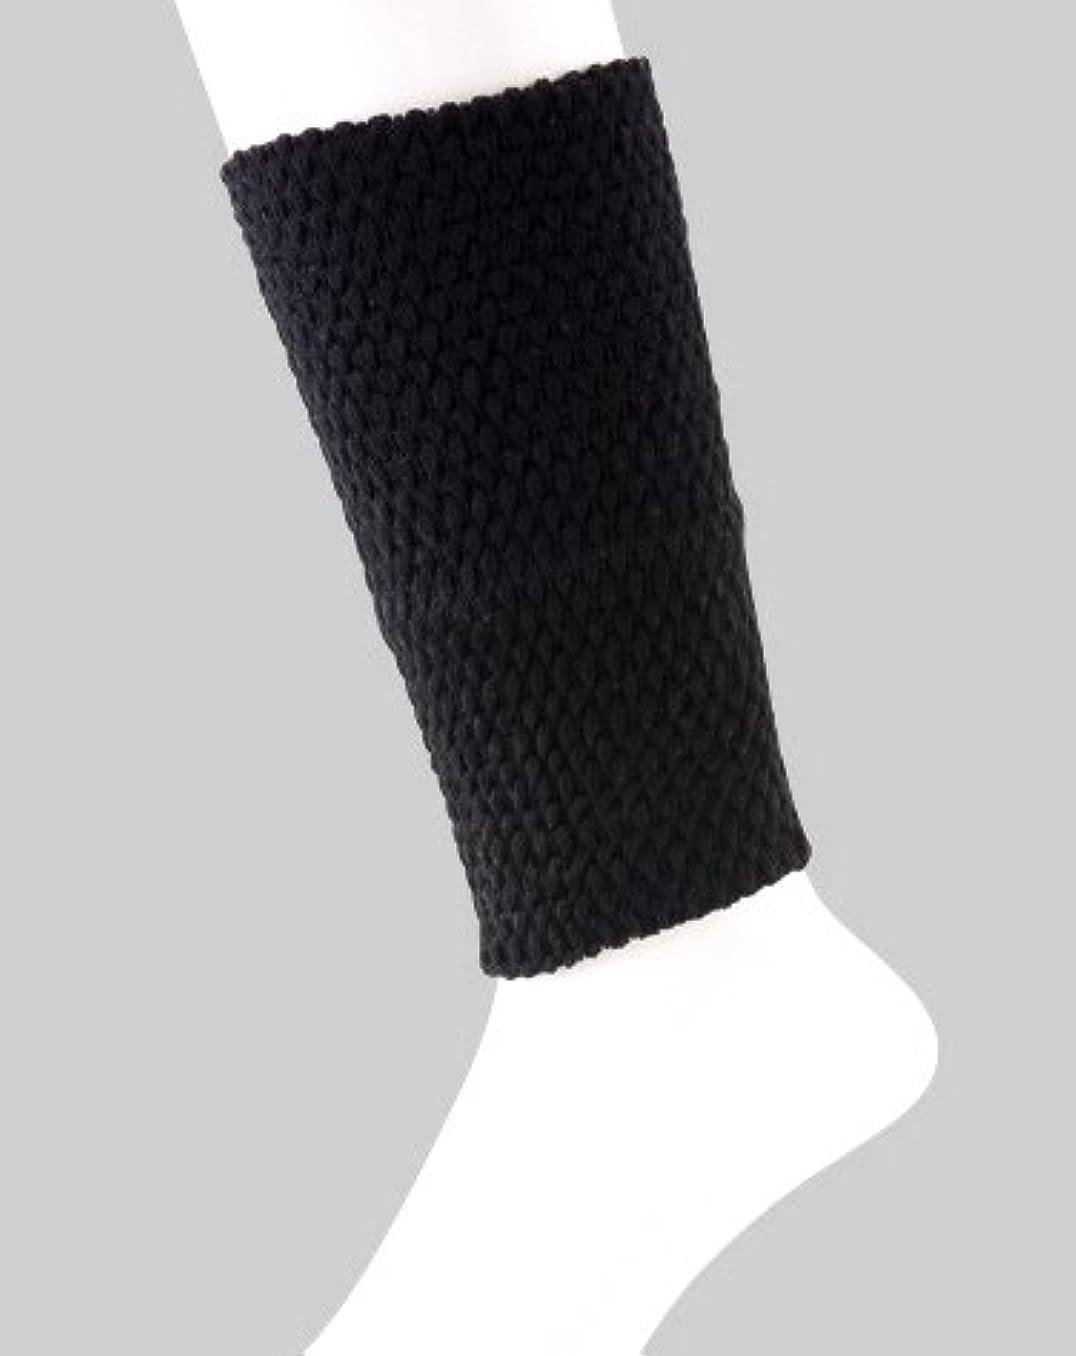 配偶者人道的虹日本製 足首ウォーマー 表綿100% 二重構造で暖かい 春夏 冷房対策 20cm丈 (グレー)